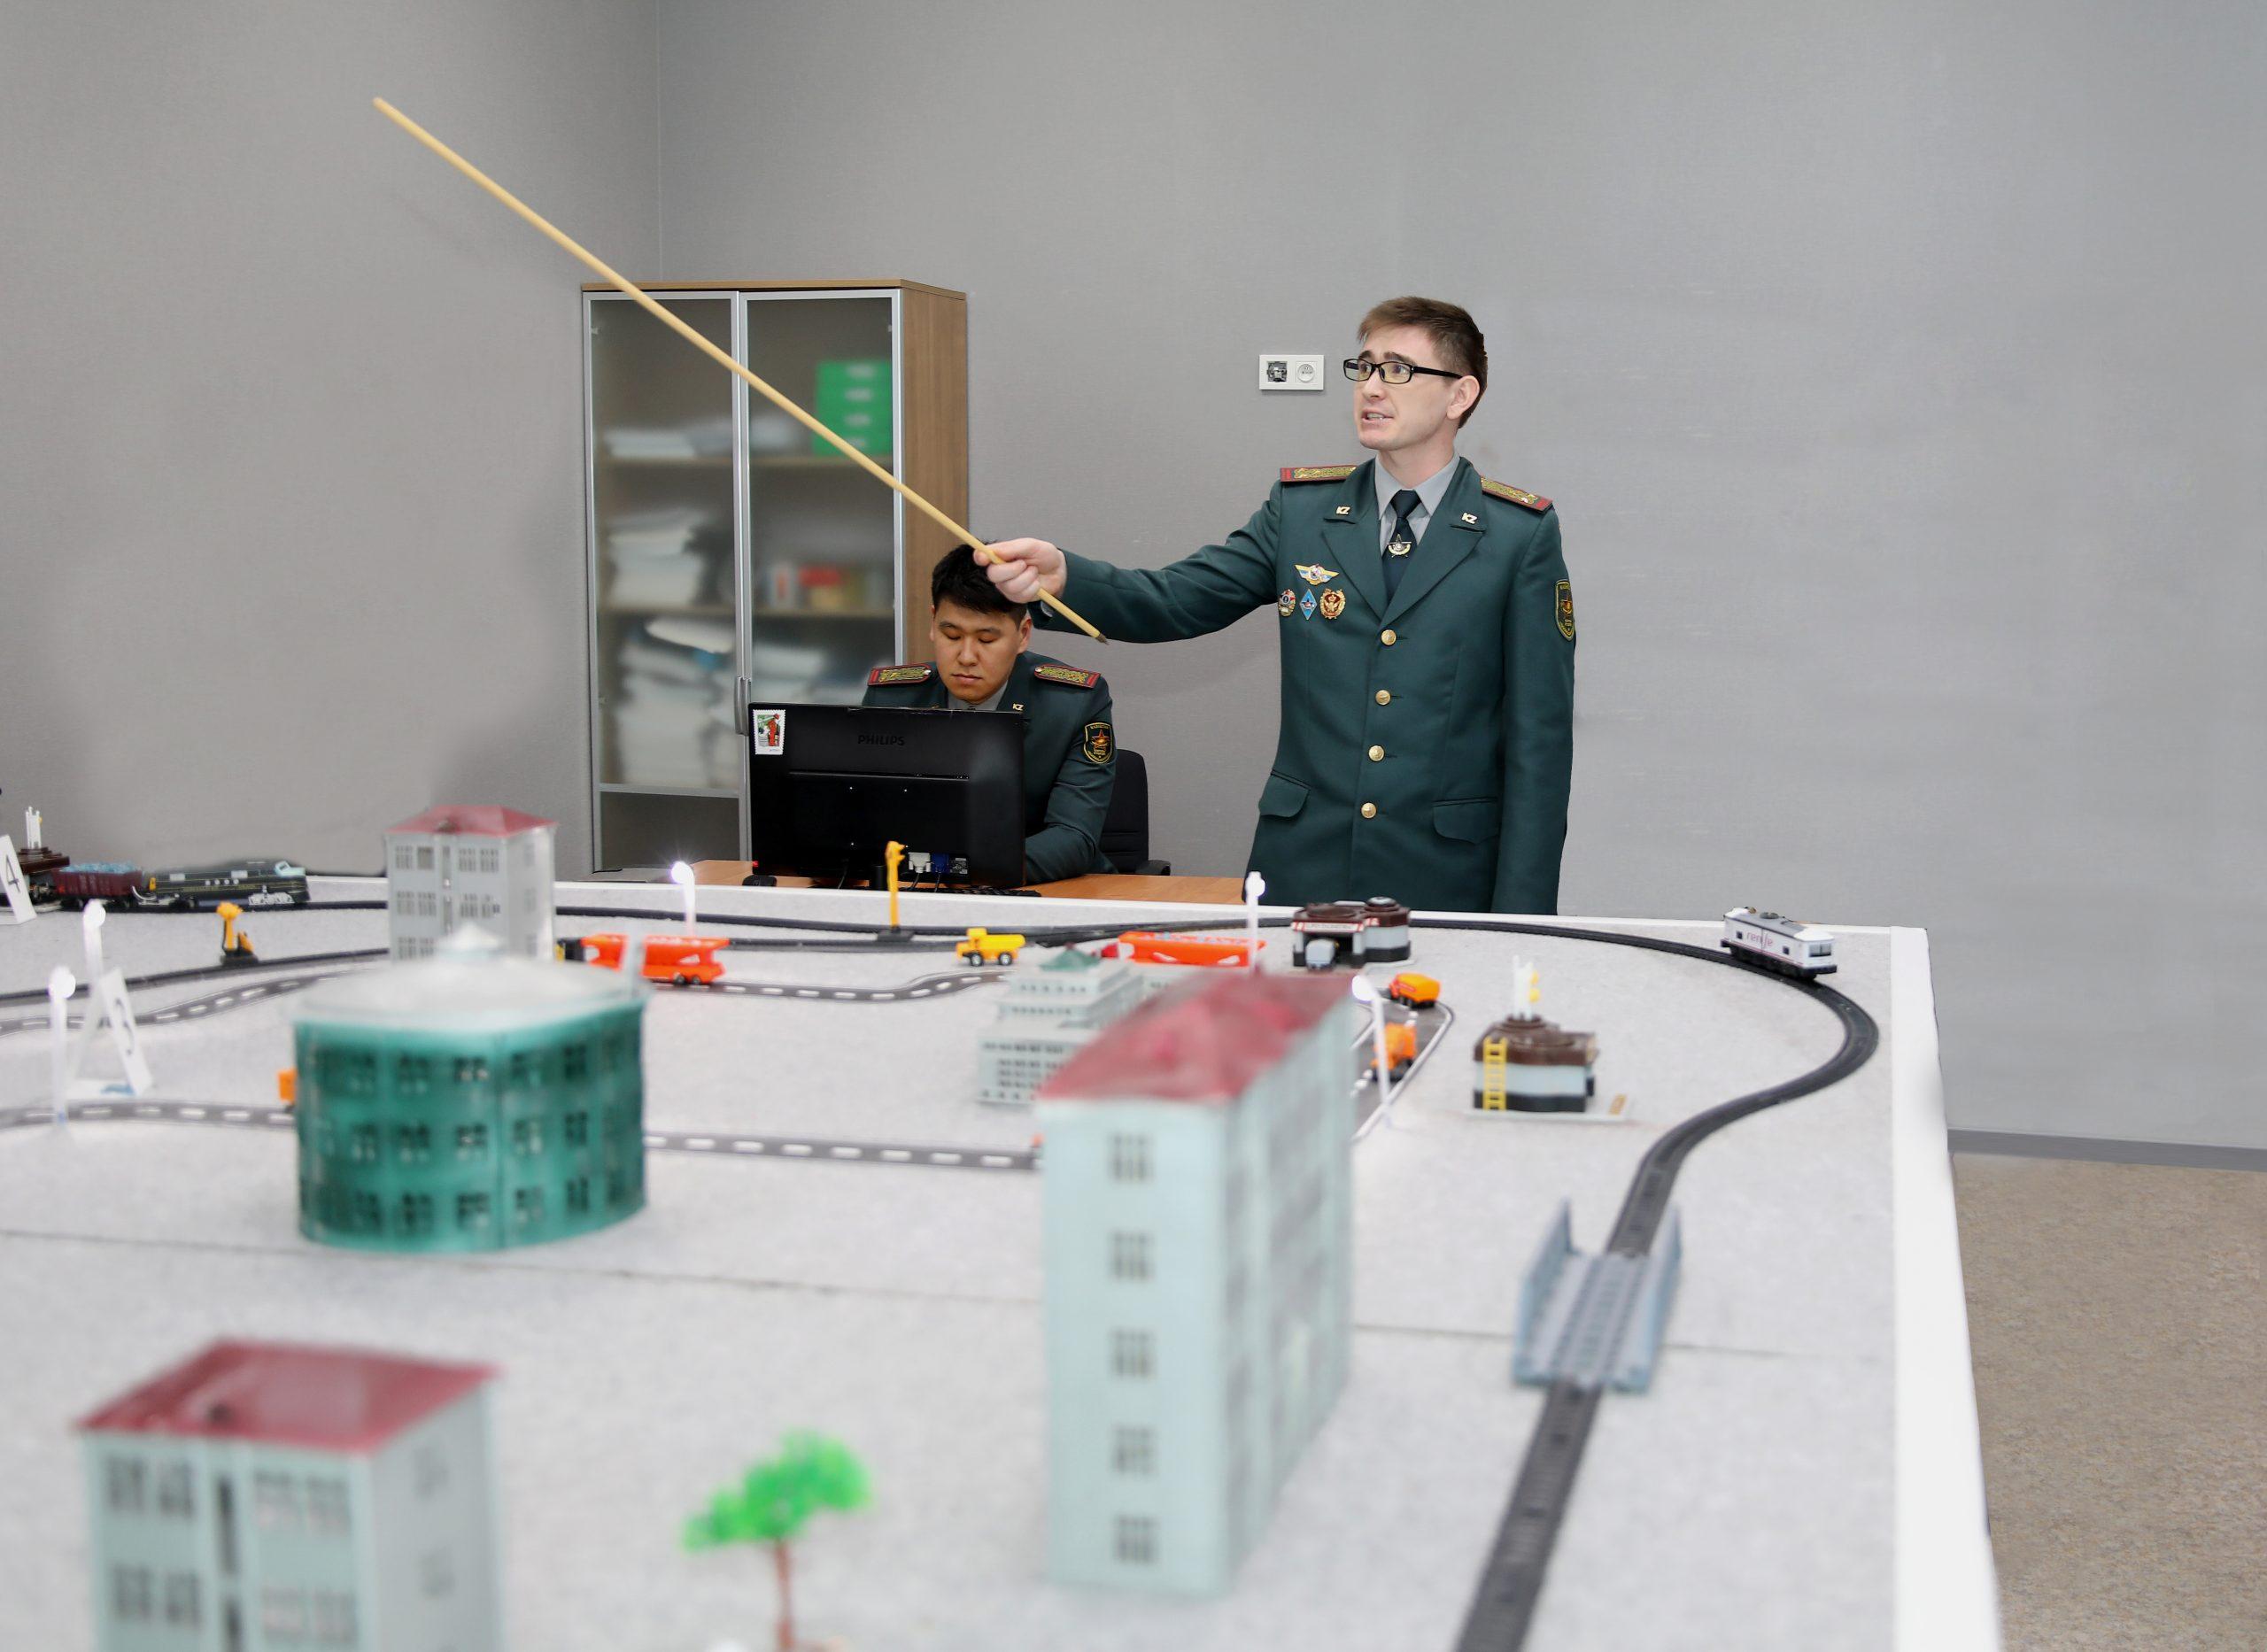 Основной приоритет военного образования – развитие новых образовательных технологий